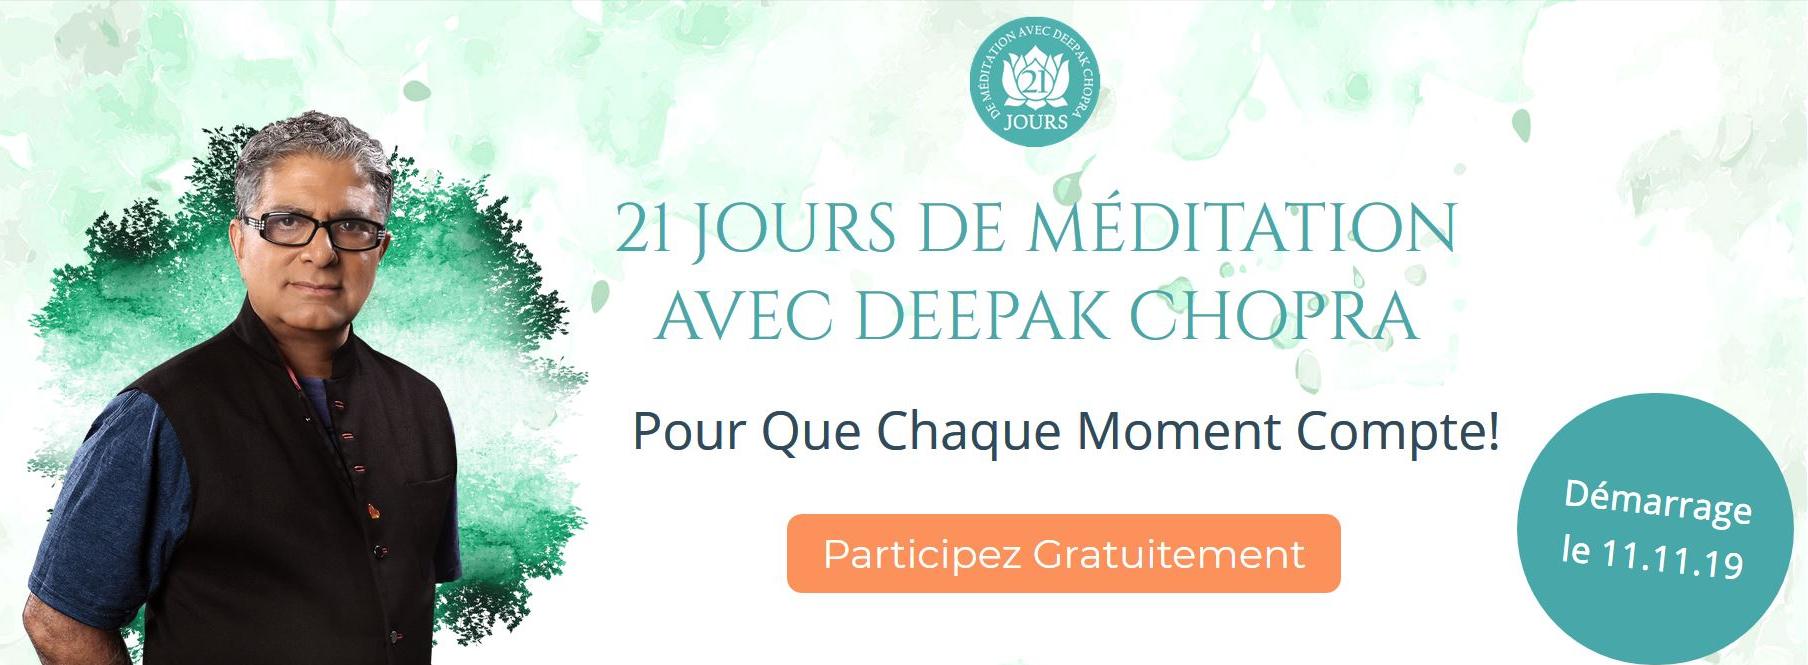 21 jours de méditation avec Deepak Chopra - Pour que chaque moment compte - quantum-coaching.com